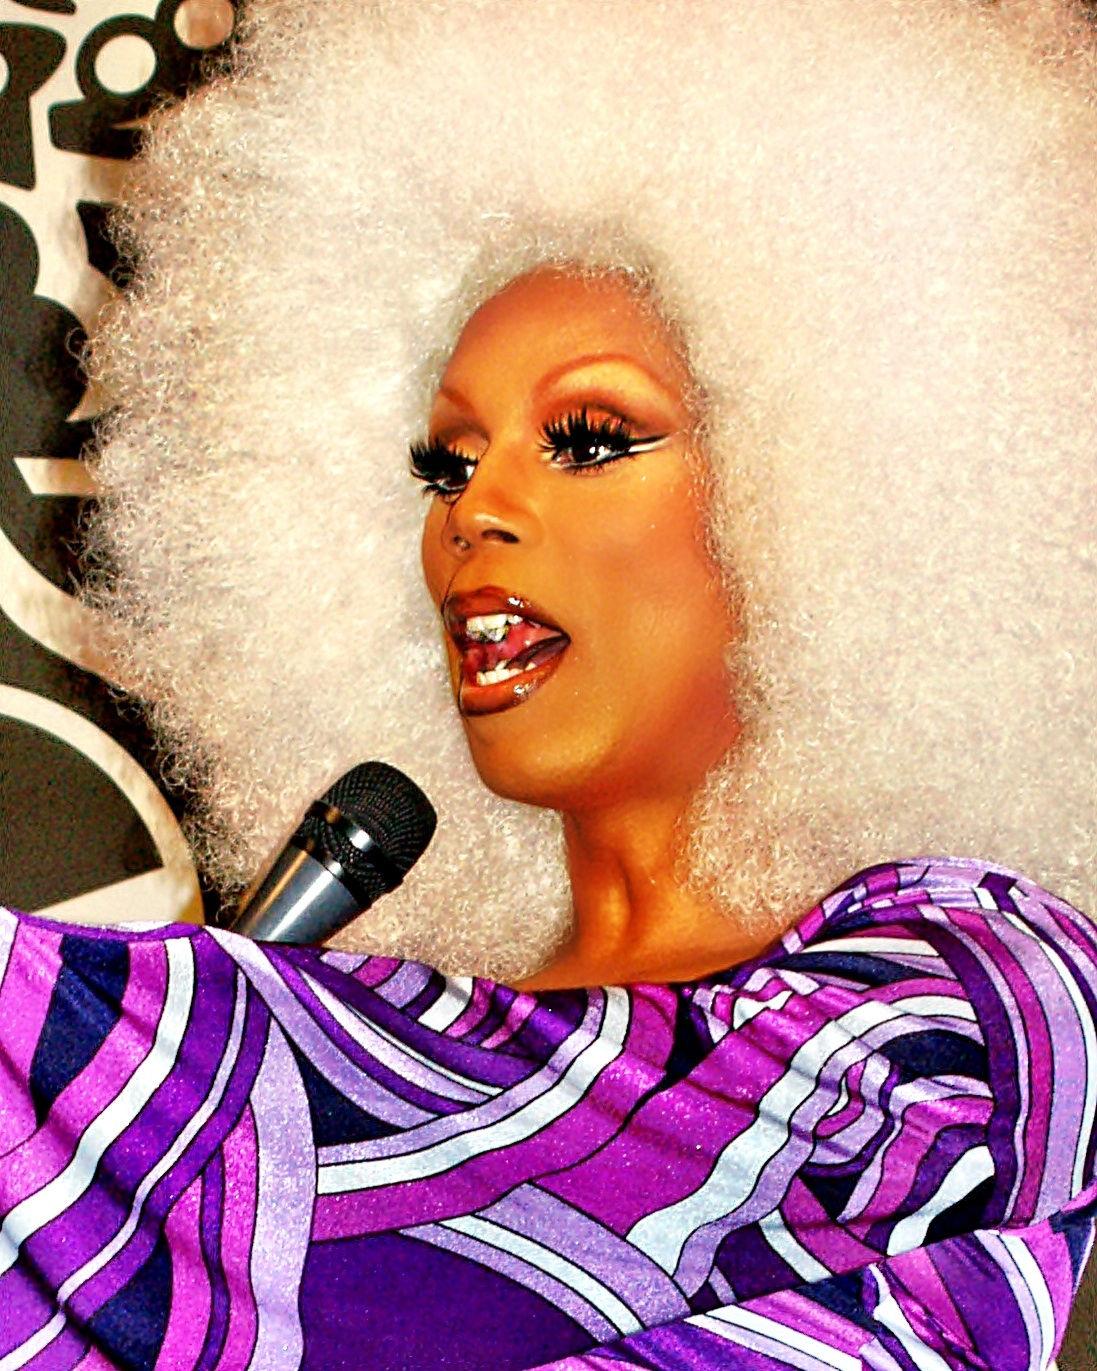 Photo of RuPaul: African American actor, musician, drag queen